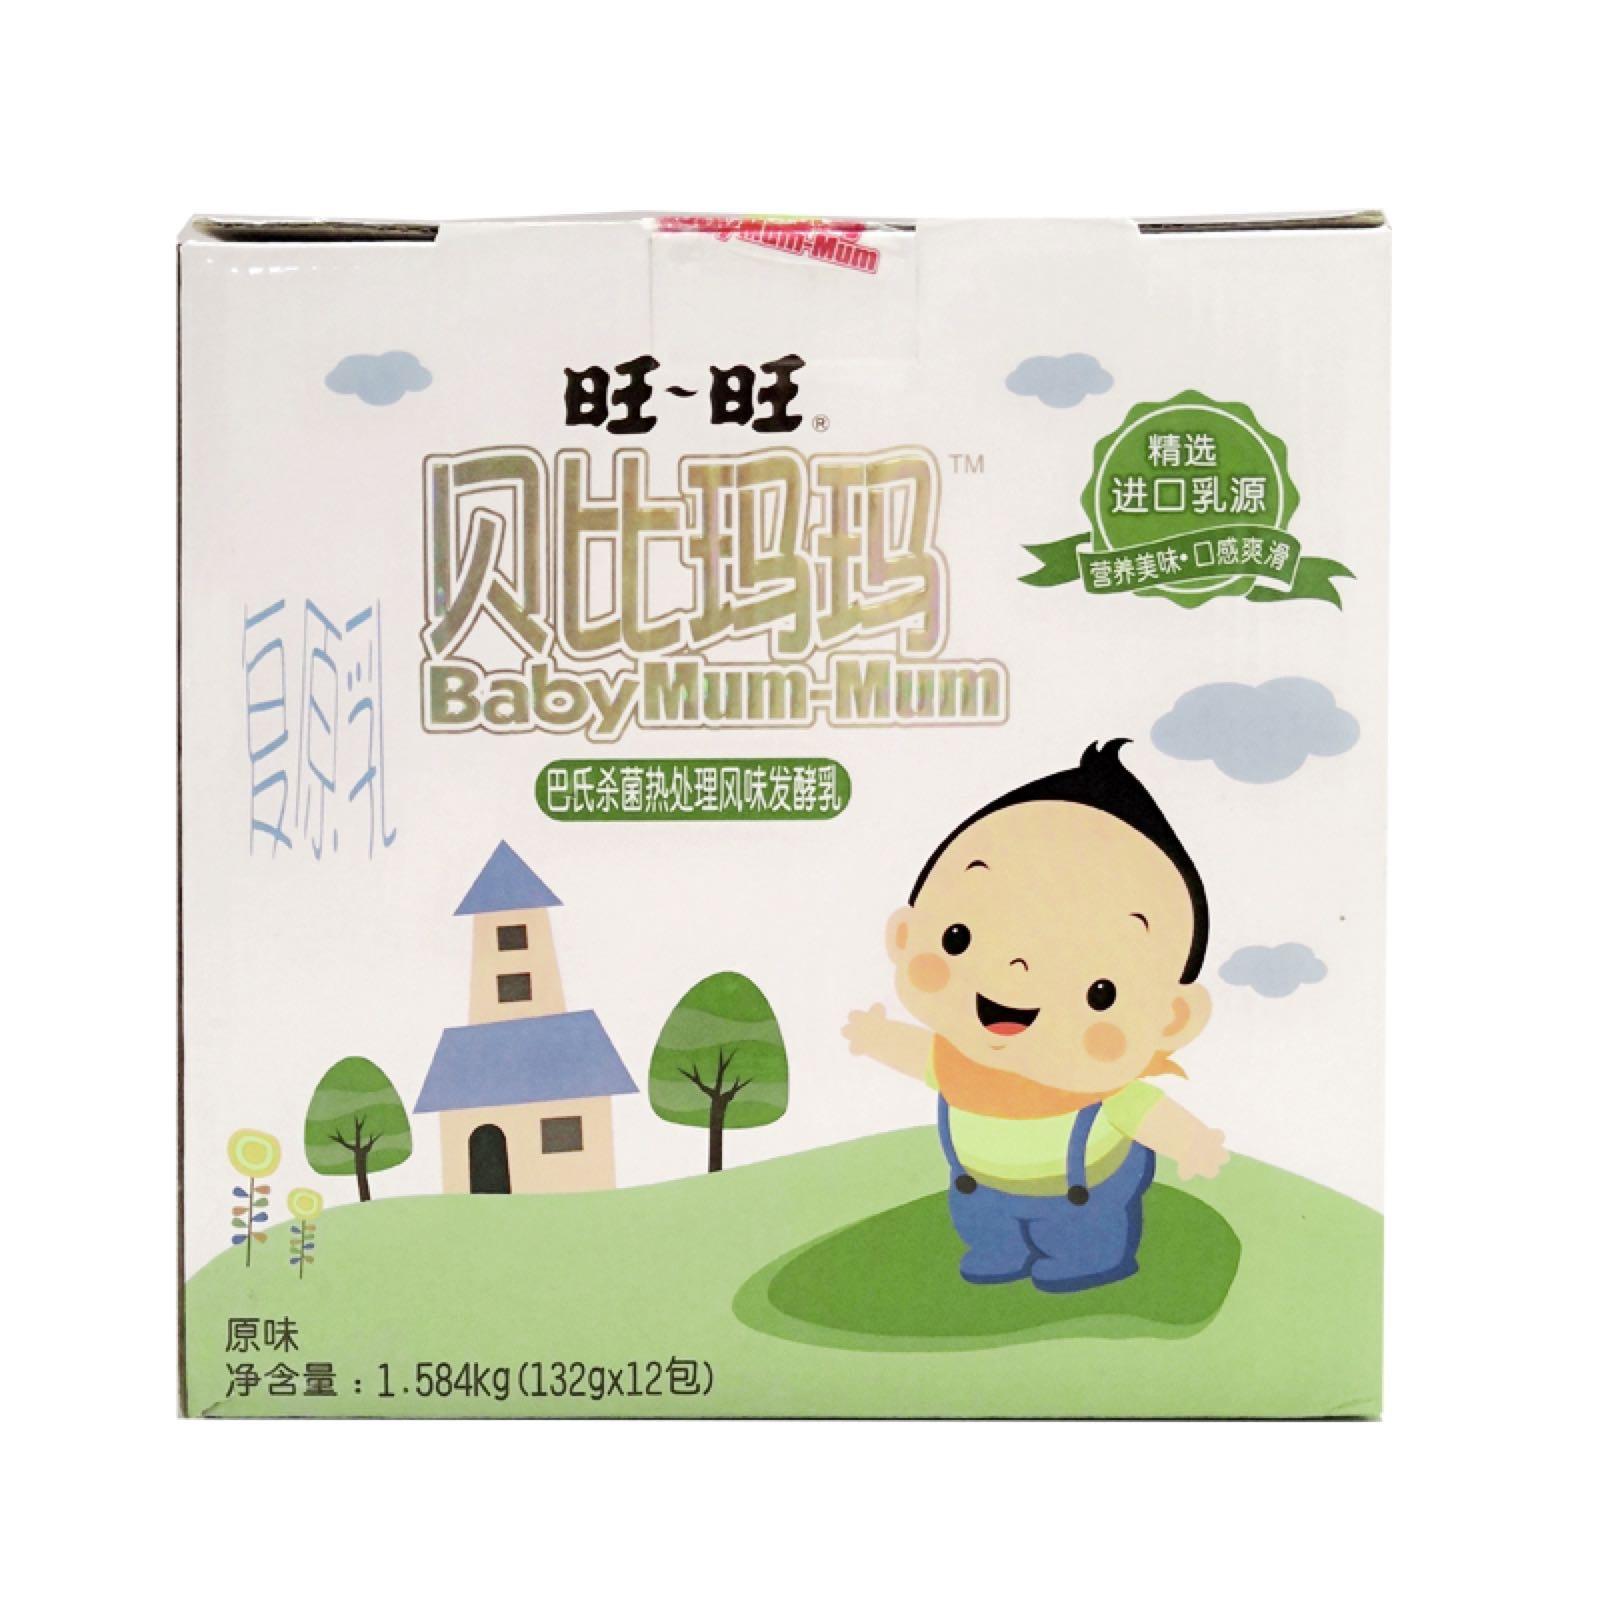 贝比玛玛巴氏杀菌热处理风味发酵乳1584g/箱